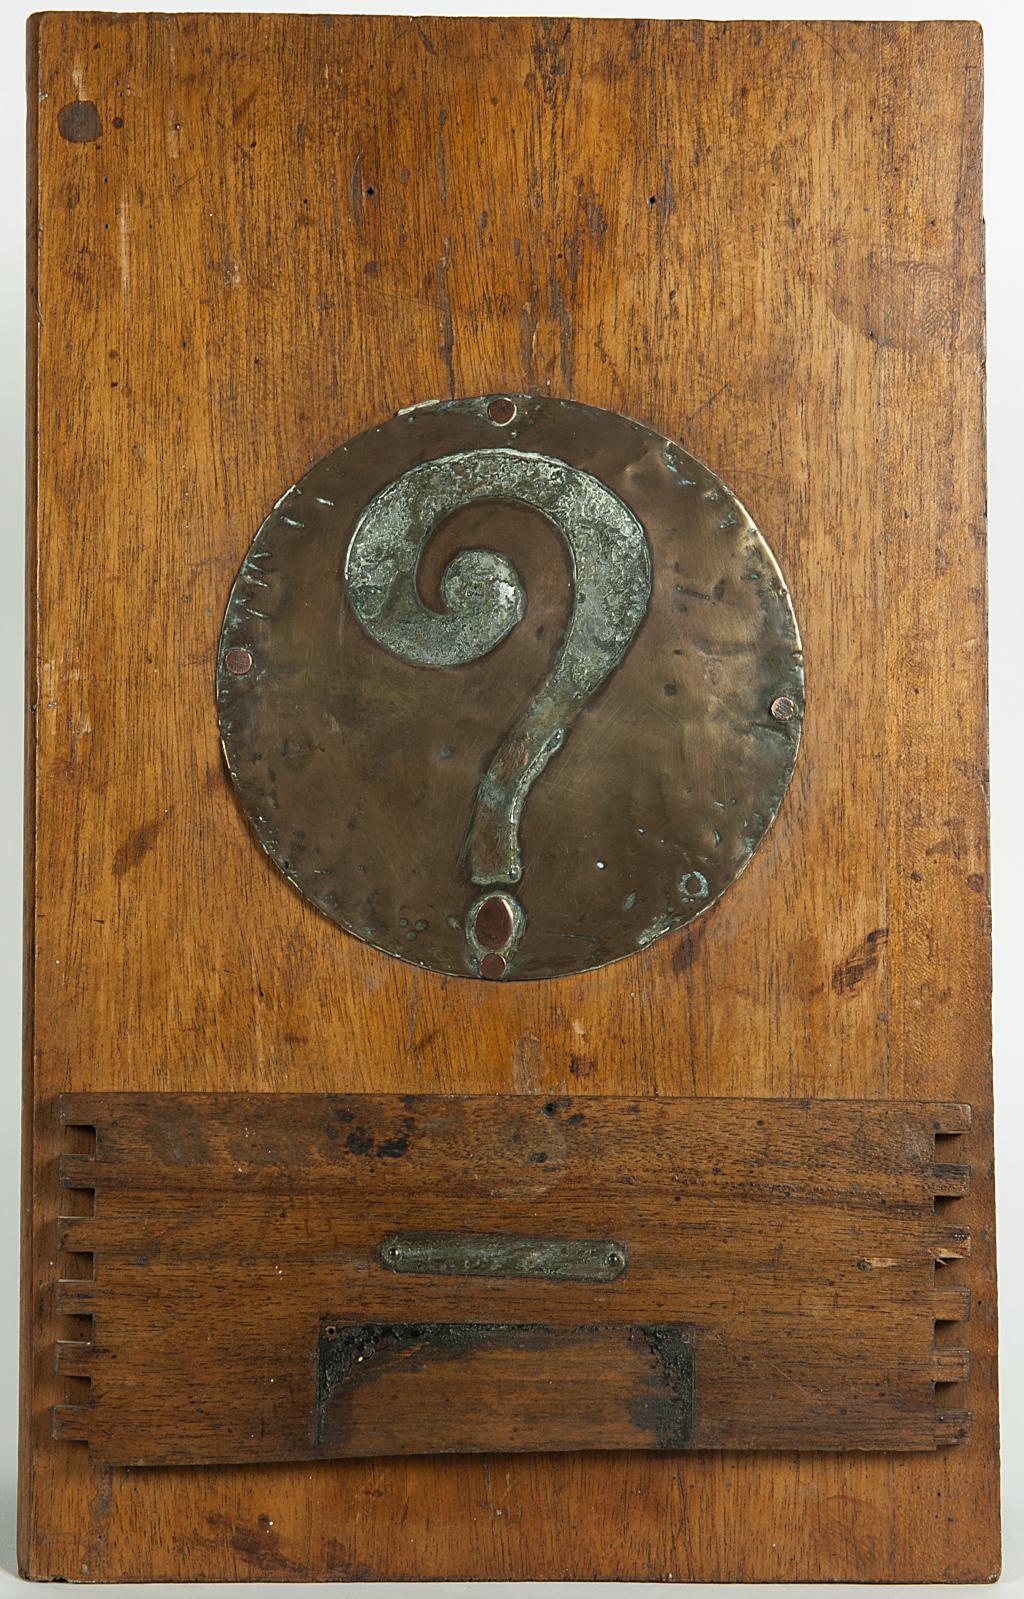 Point d'interrogation du Pourquoi-Pas?, fragment de plaque en métal fixé sur support bois, Muséum national d'histoire naturelle, Paris.